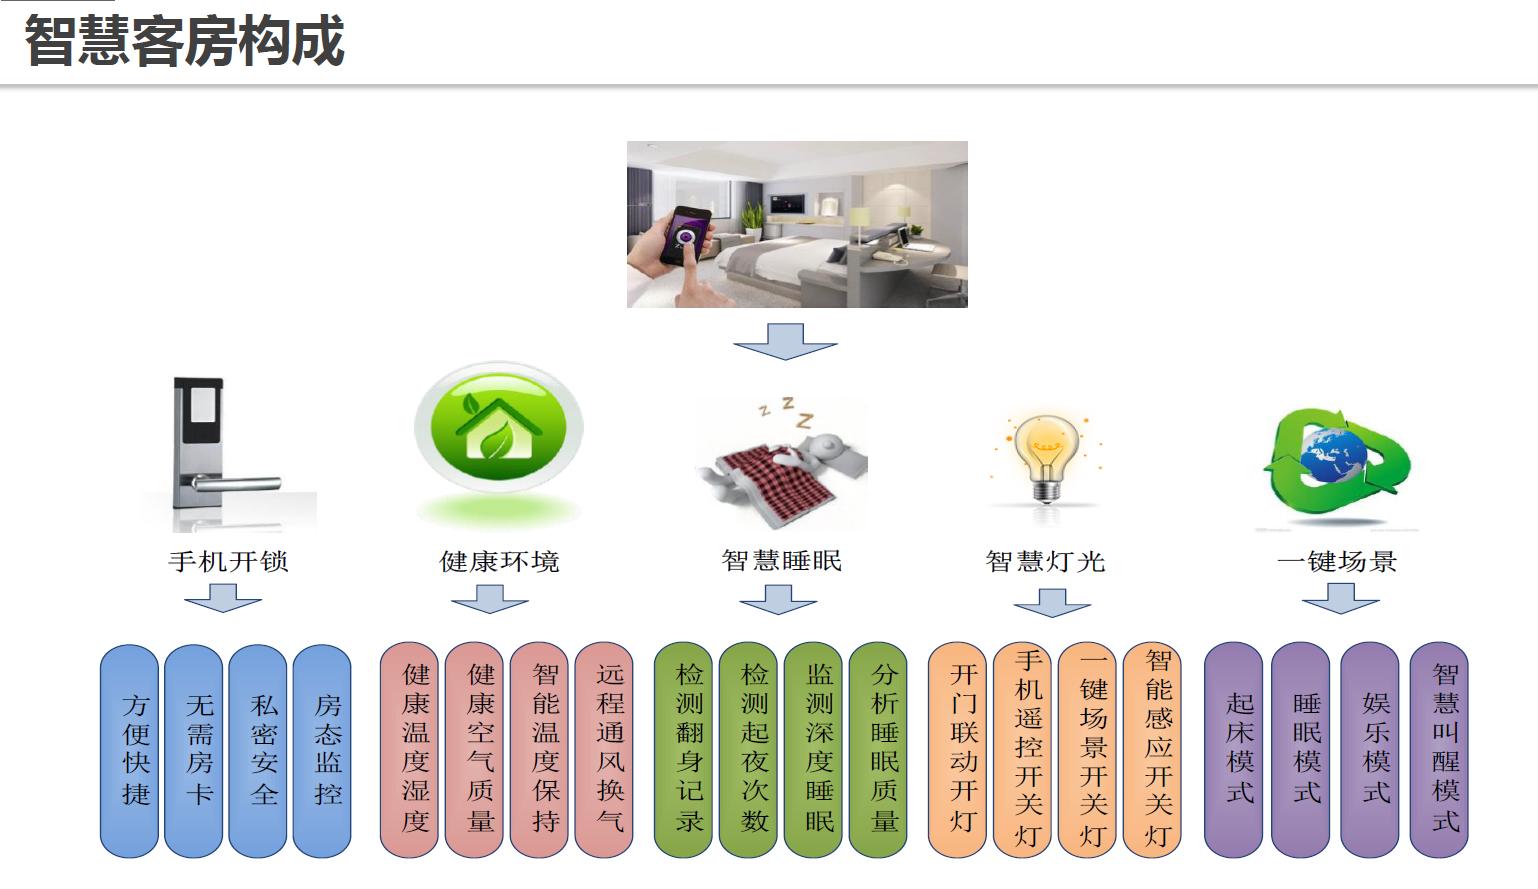 小型酒店管理系统的设计与开发毕业论文设计